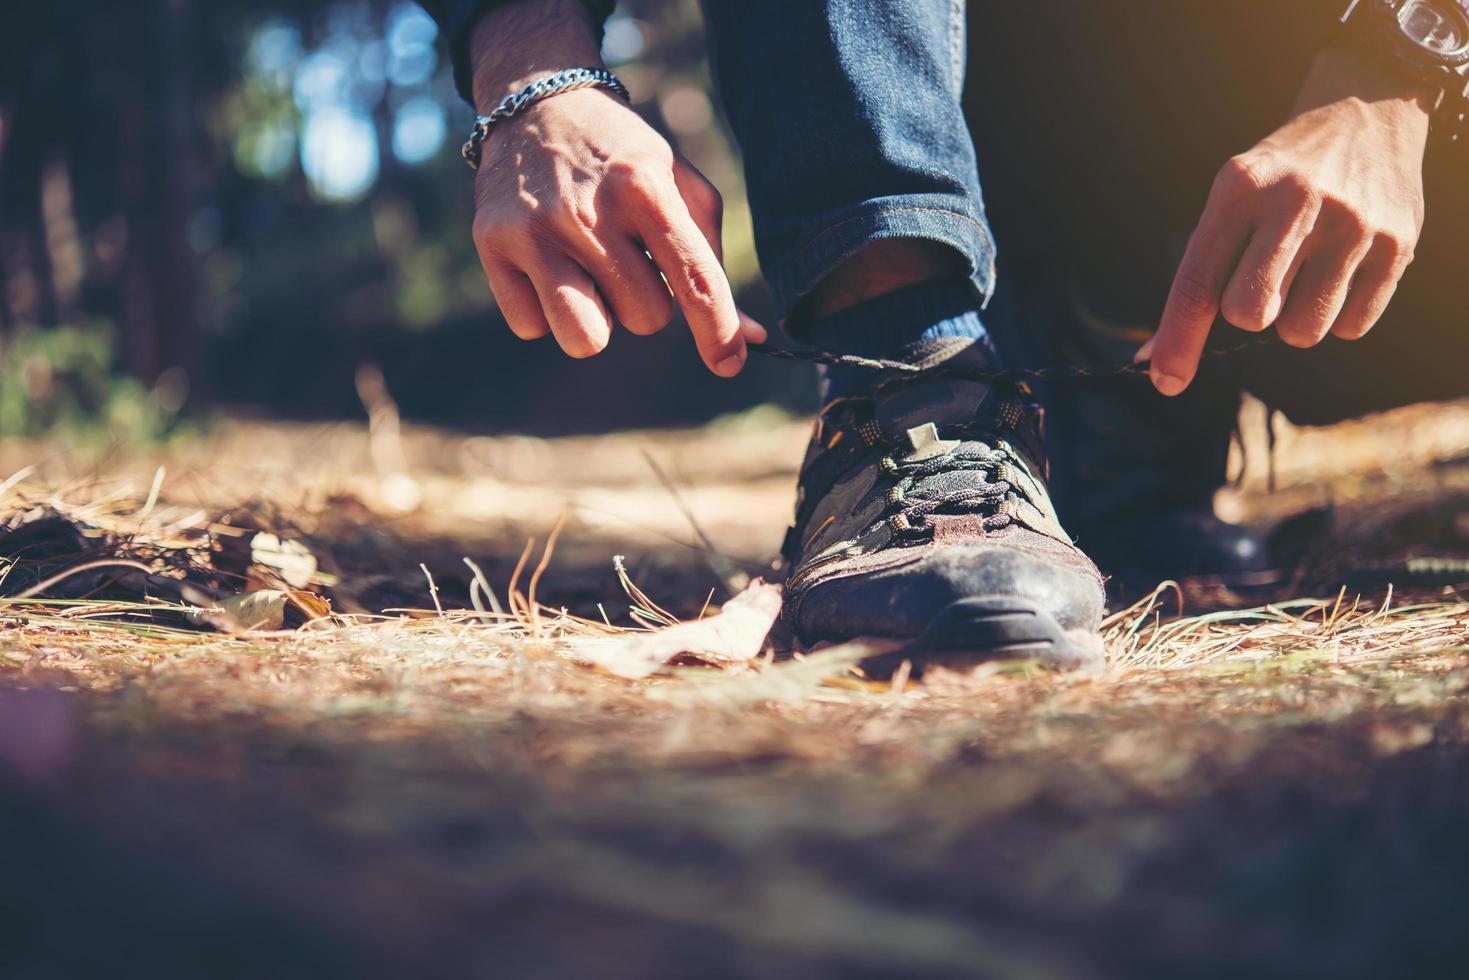 Hombre joven excursionista ata los cordones de sus zapatos mientras viaja con mochila en el bosque foto